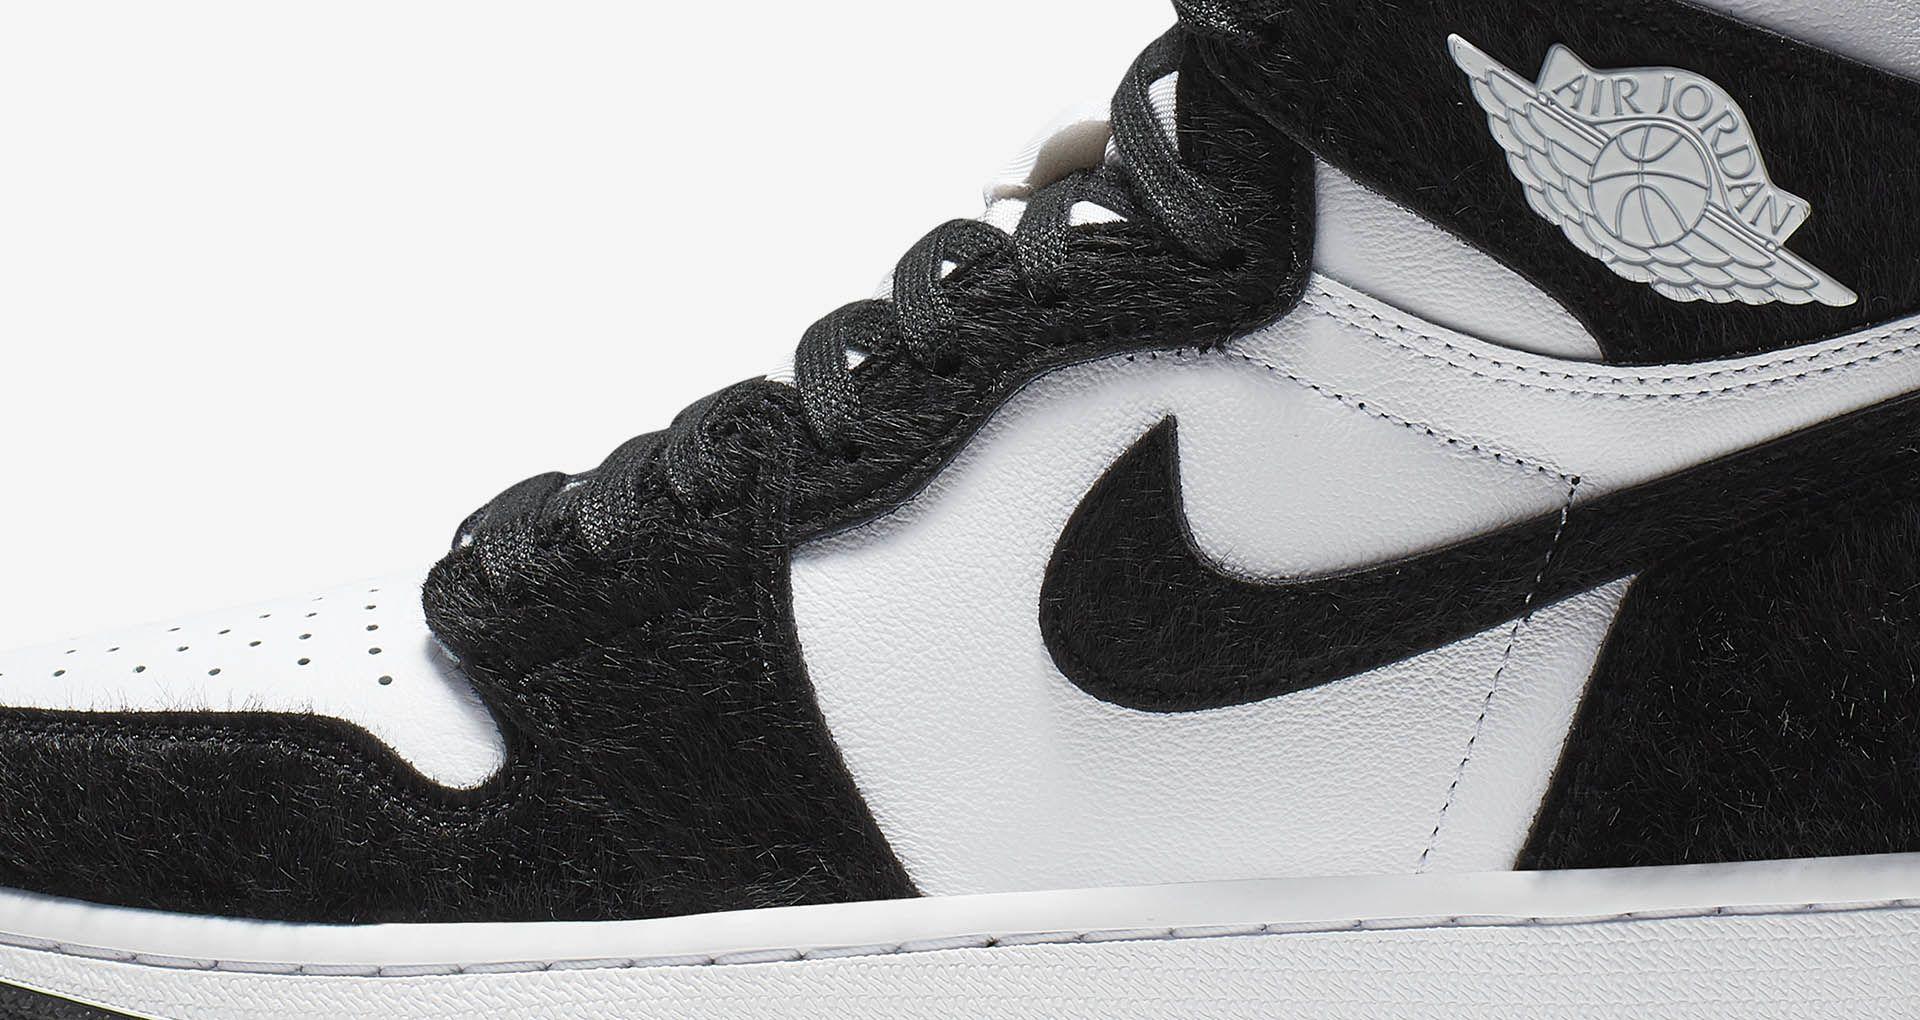 Women's Air Jordan I 'Twist' Release Date. Nike SNKRS